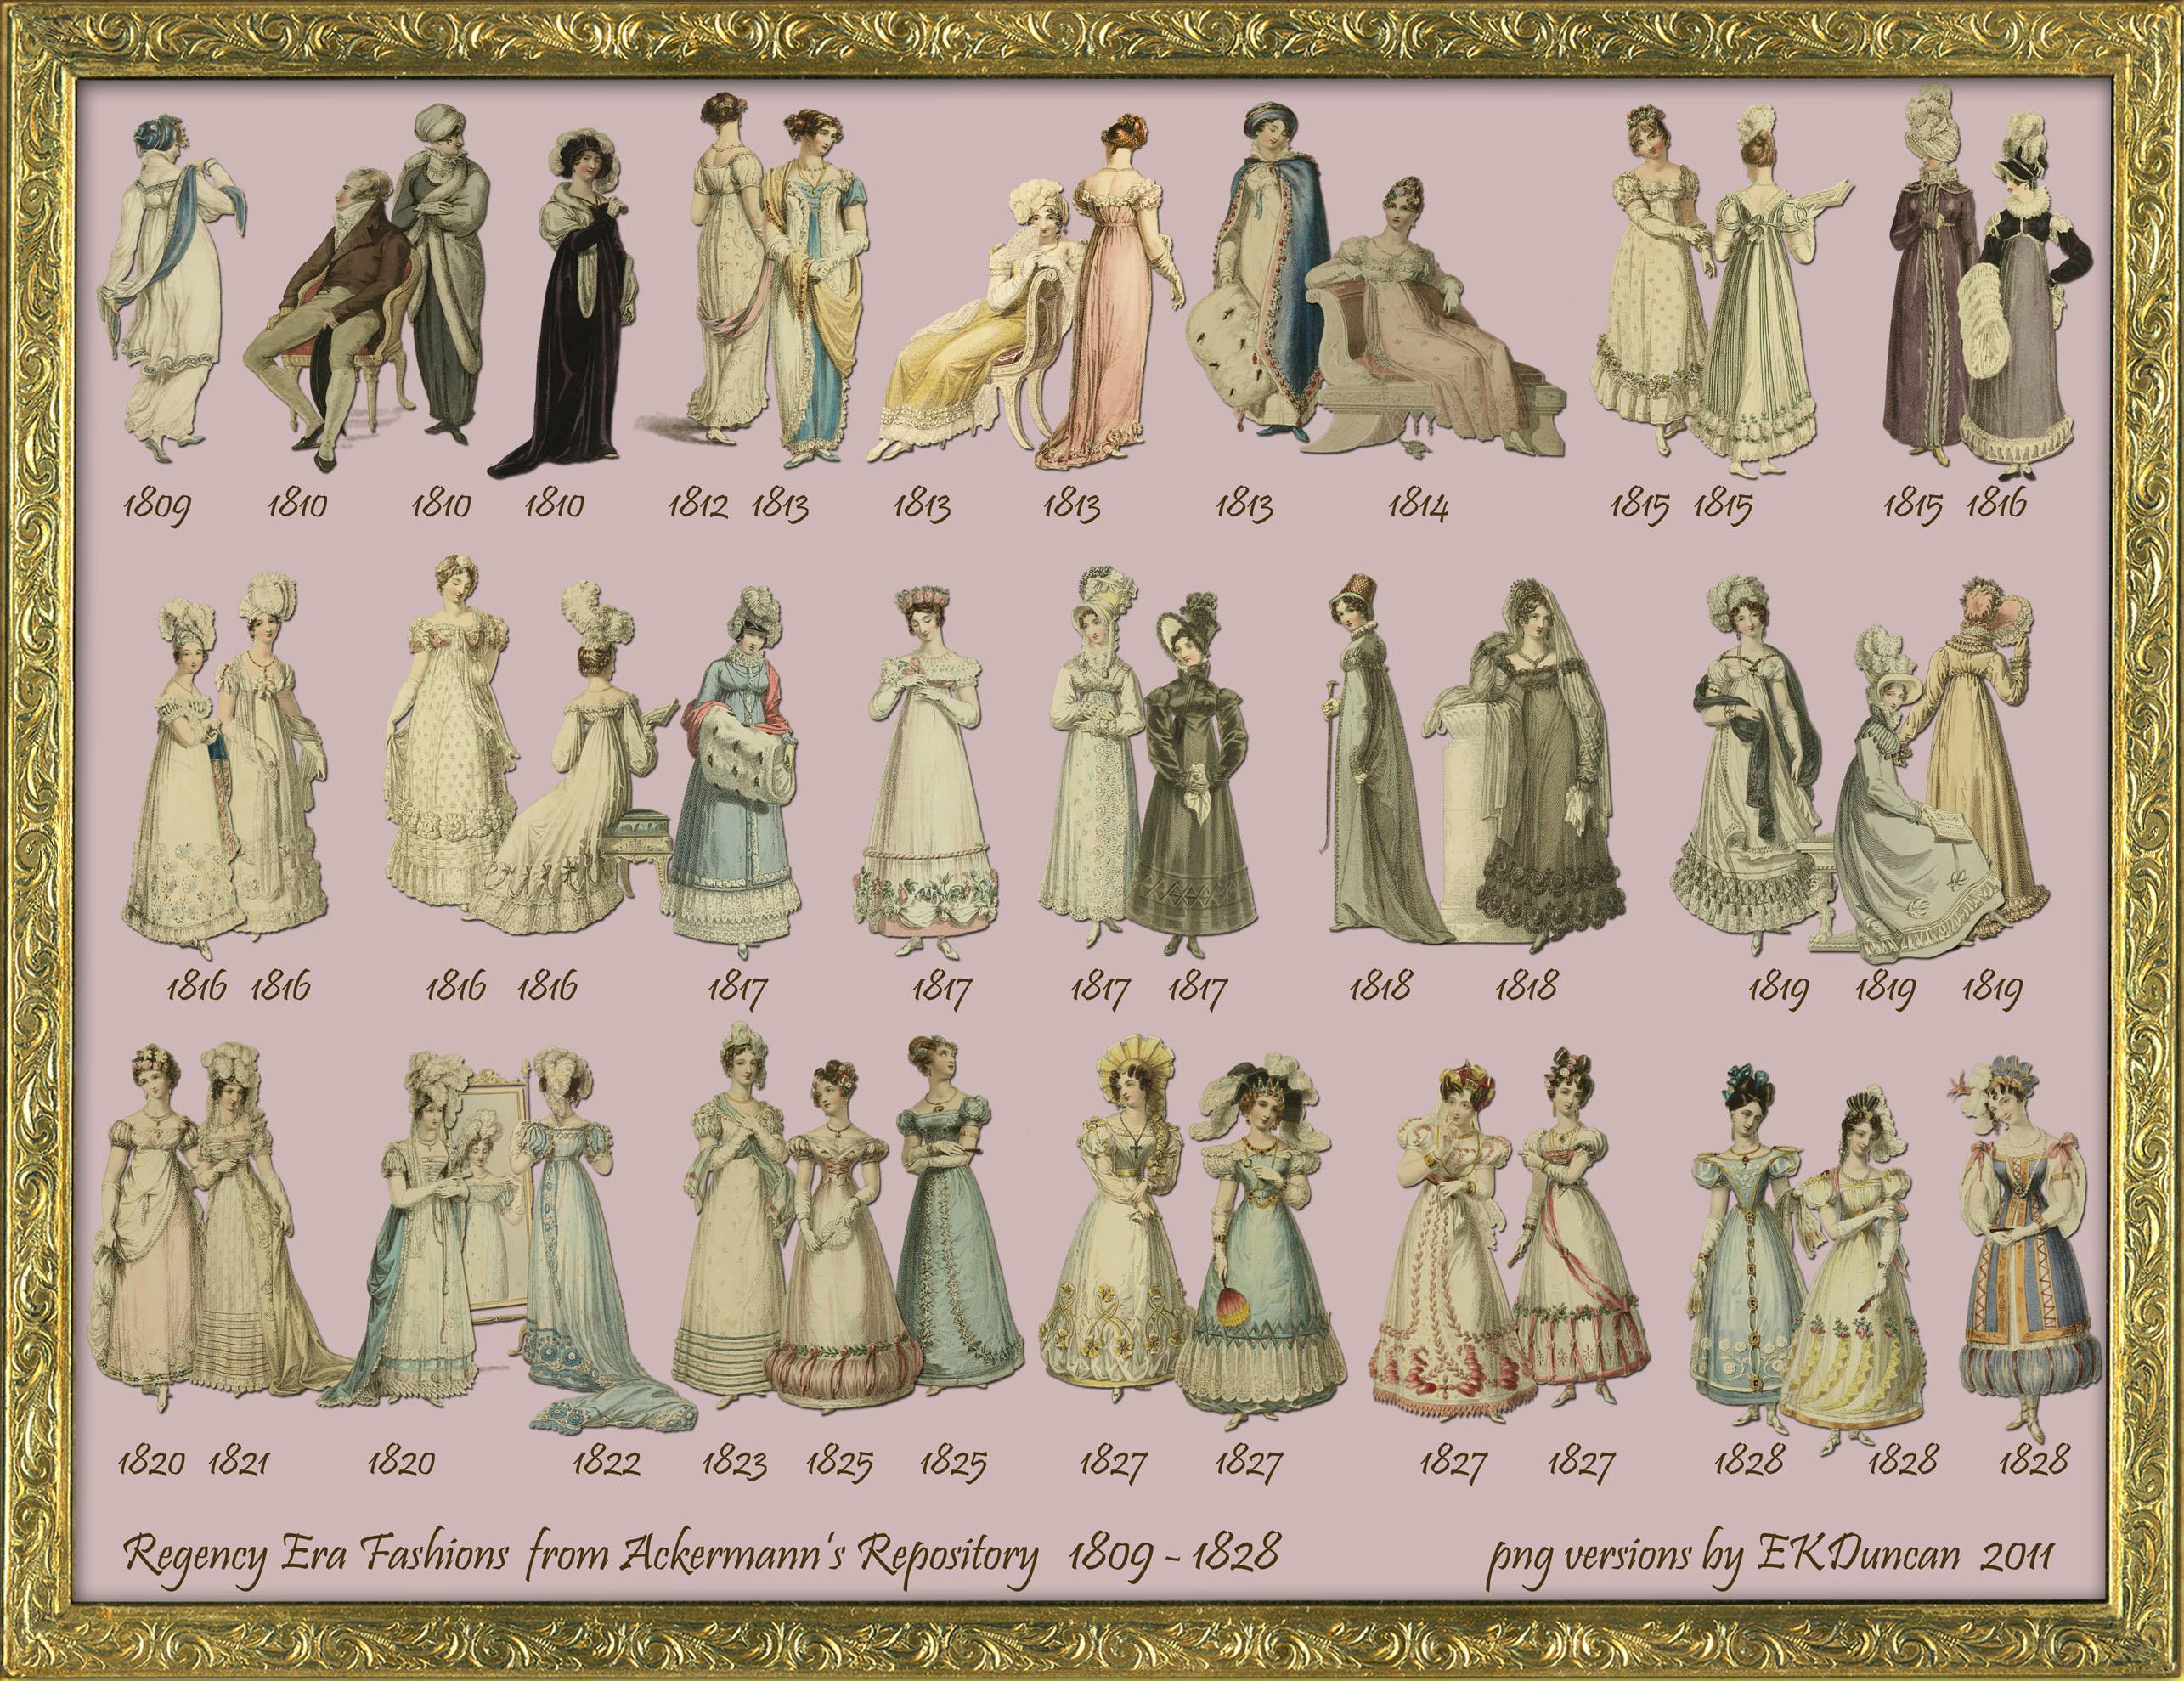 41 Regency Fashion 1809-1828 png by EKDuncan by EveyD